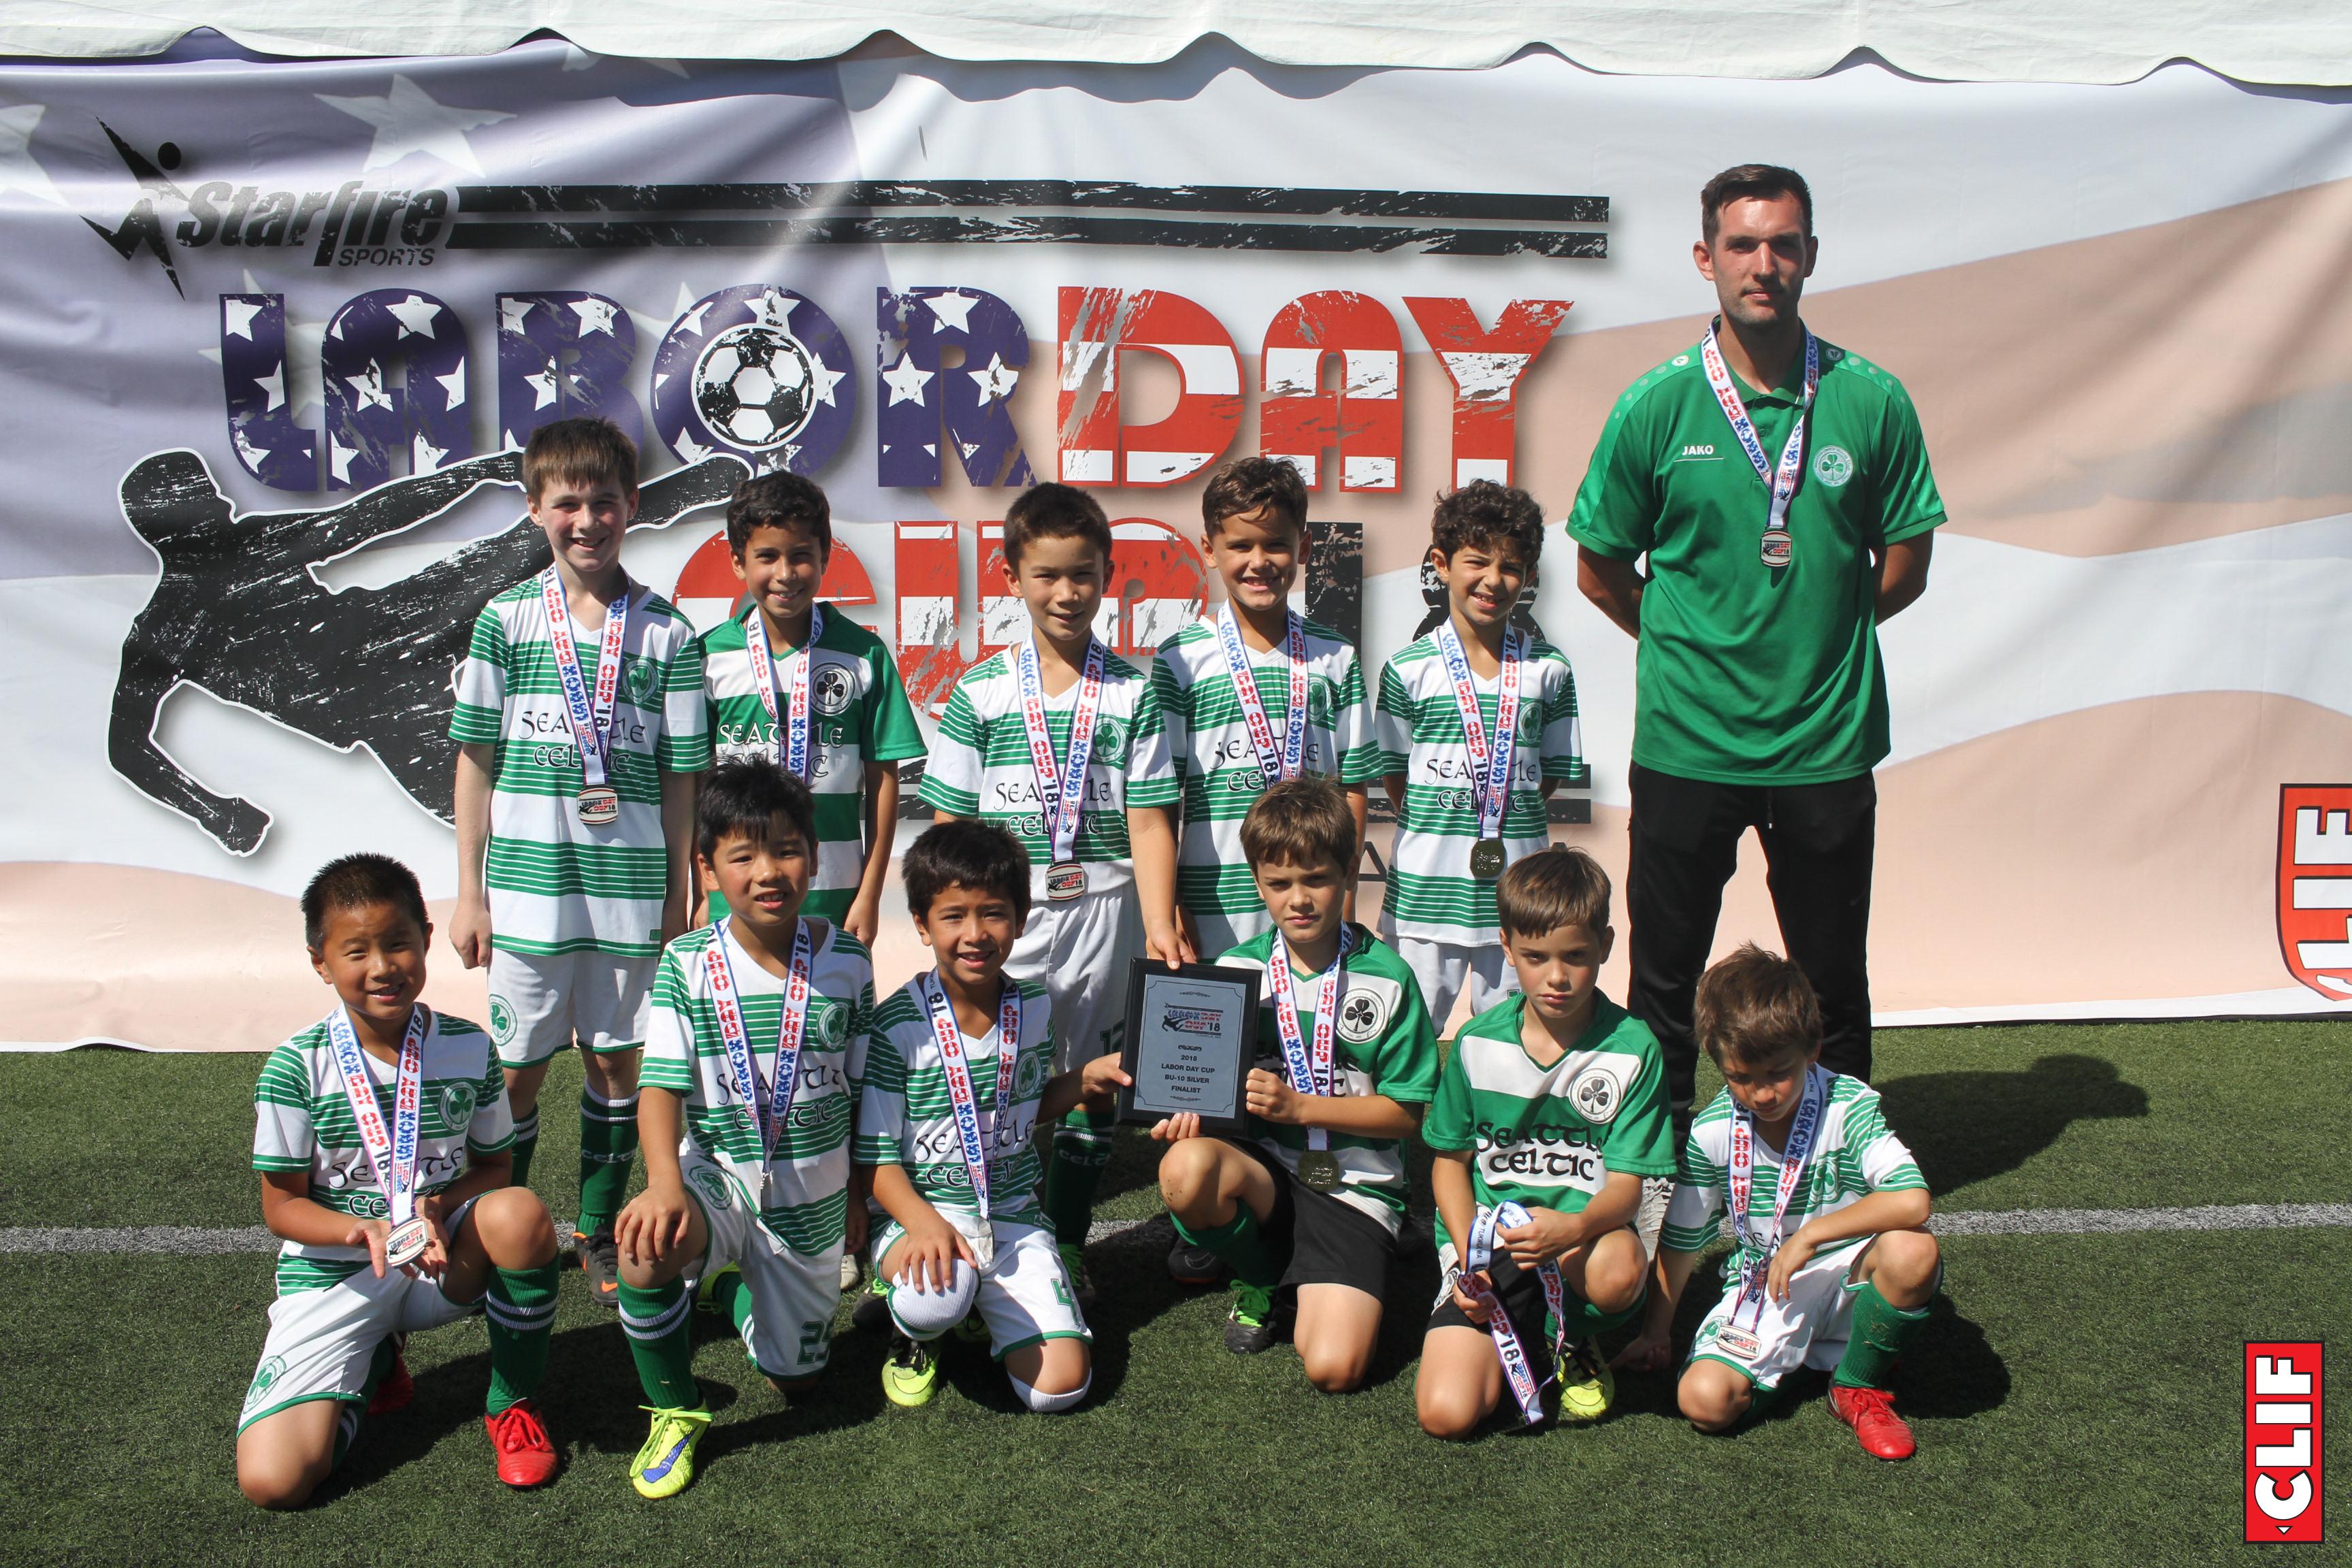 Boys-U10-Silver-Finalists-Seattle-Celtic